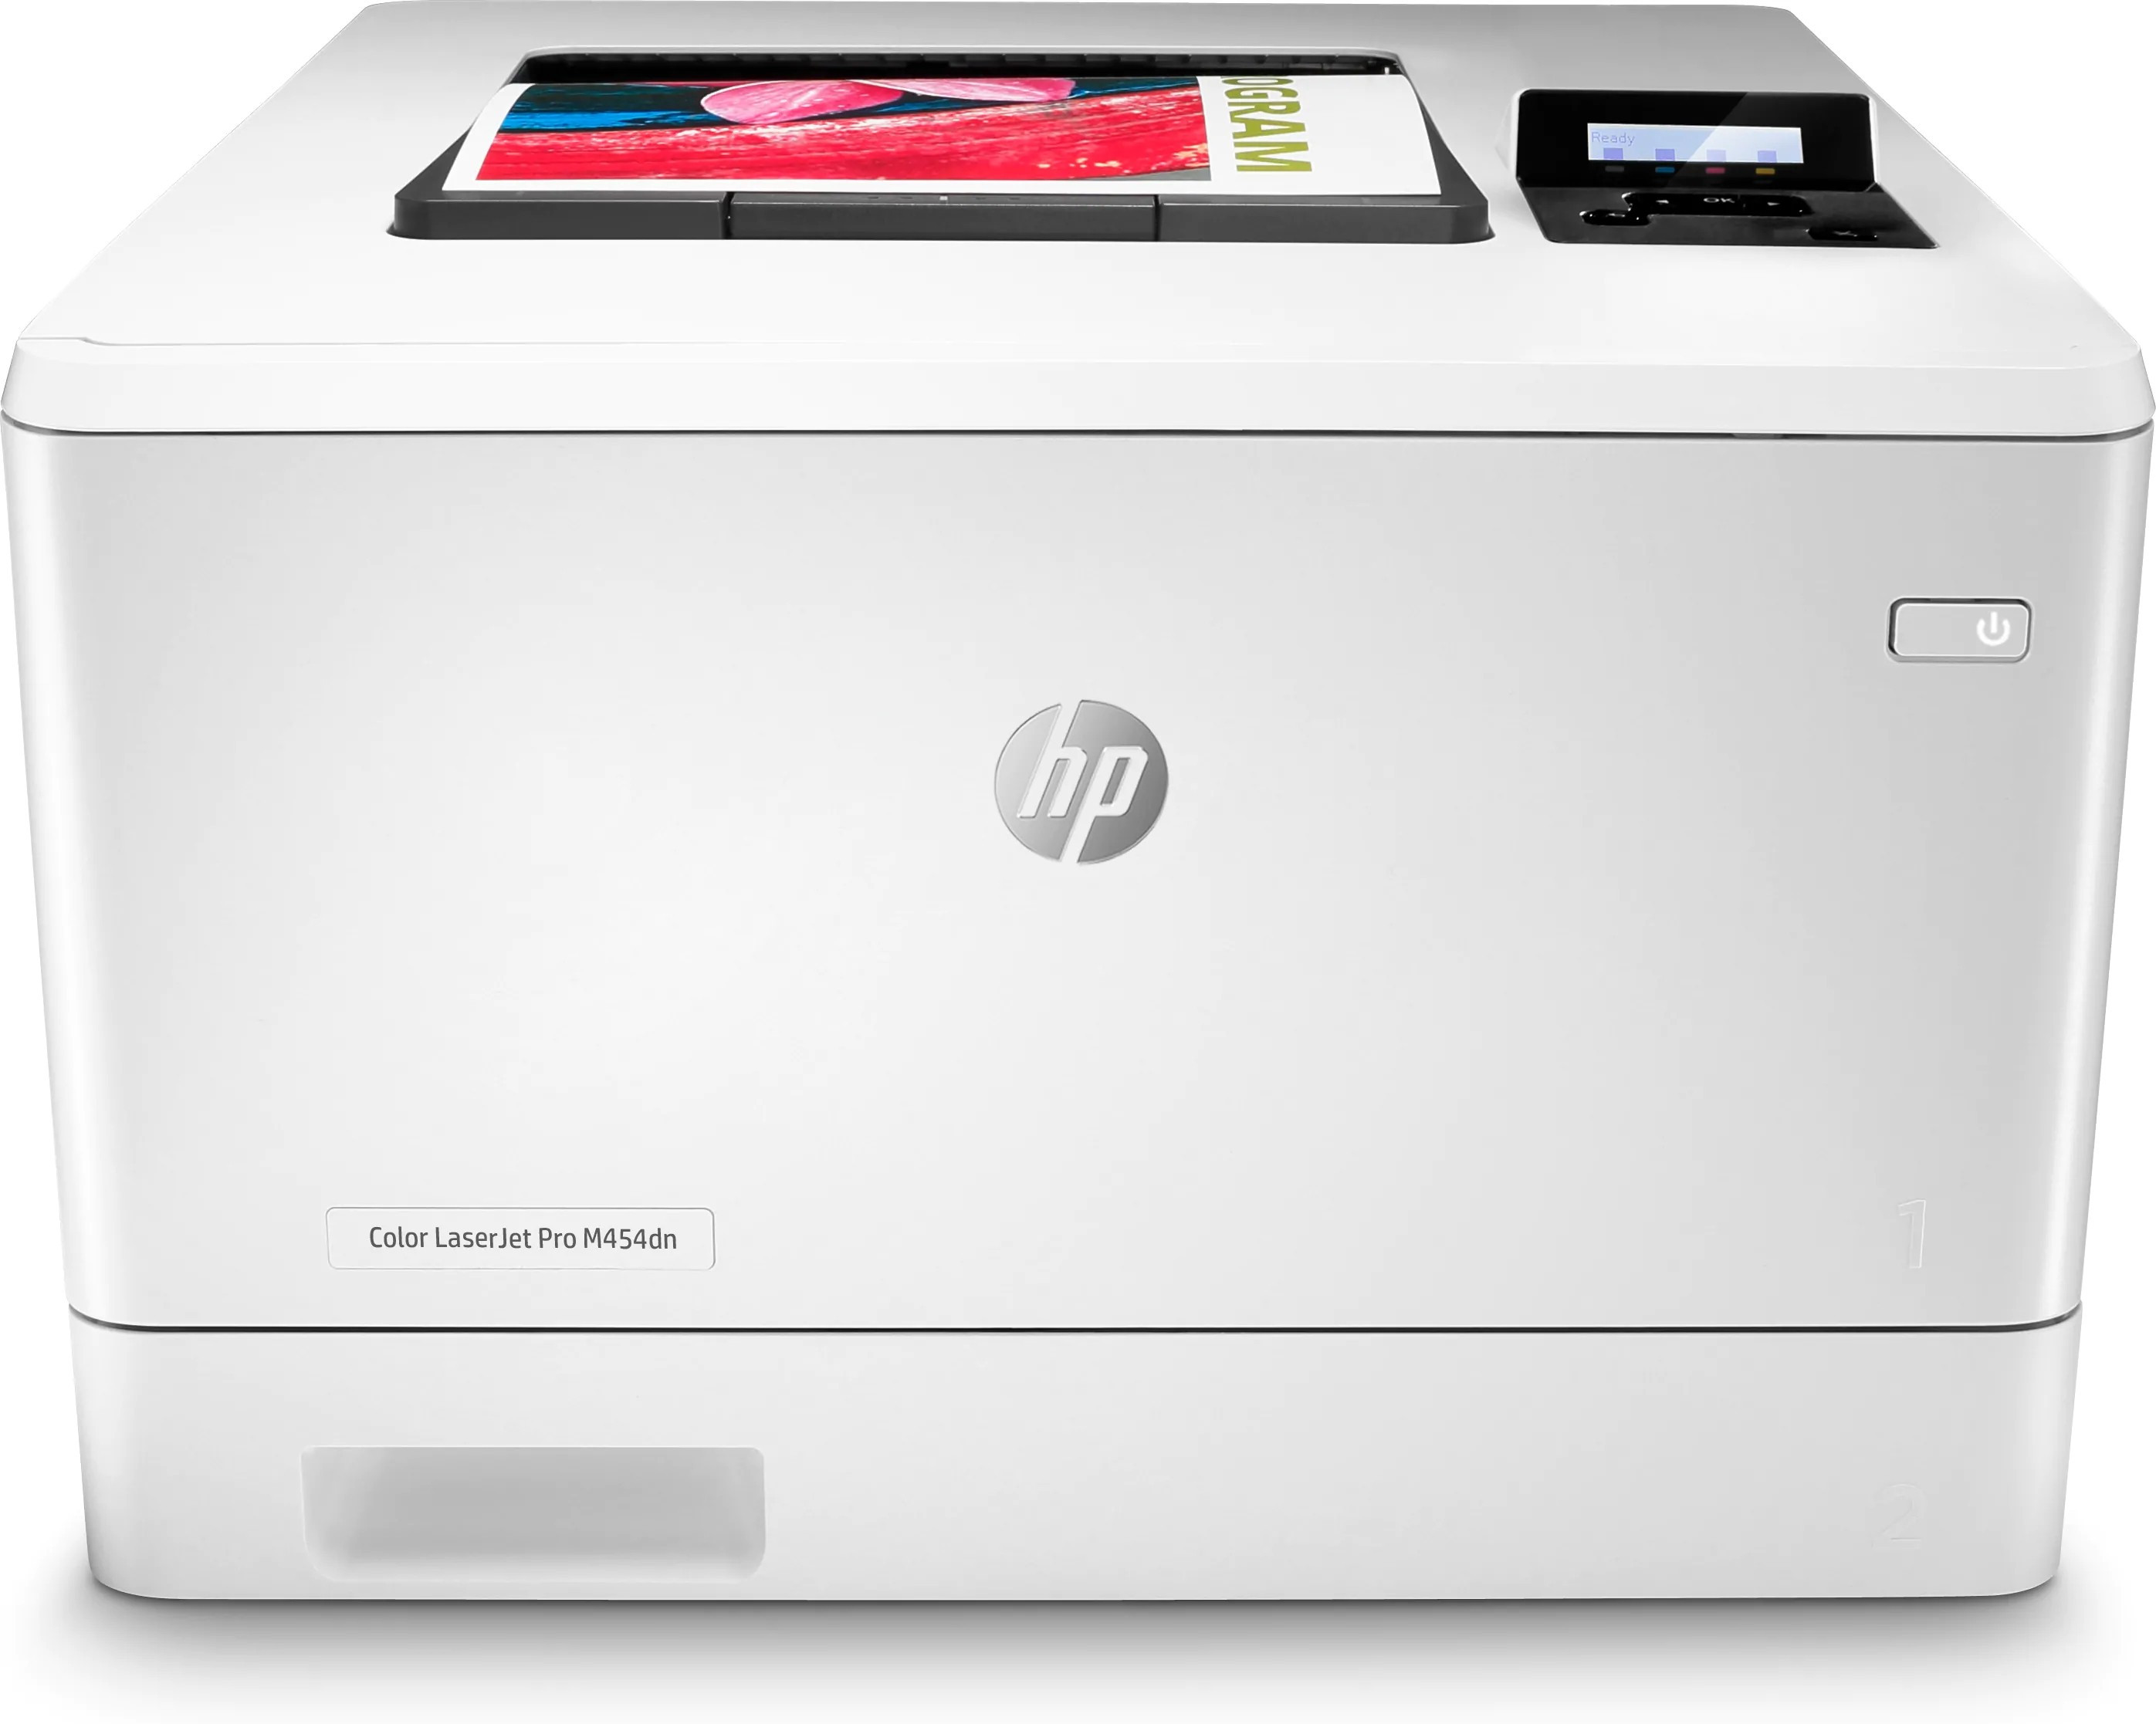 HP Color LaserJet Pro M454dn A4, színes, lézernyomtató hálózatos, duplex